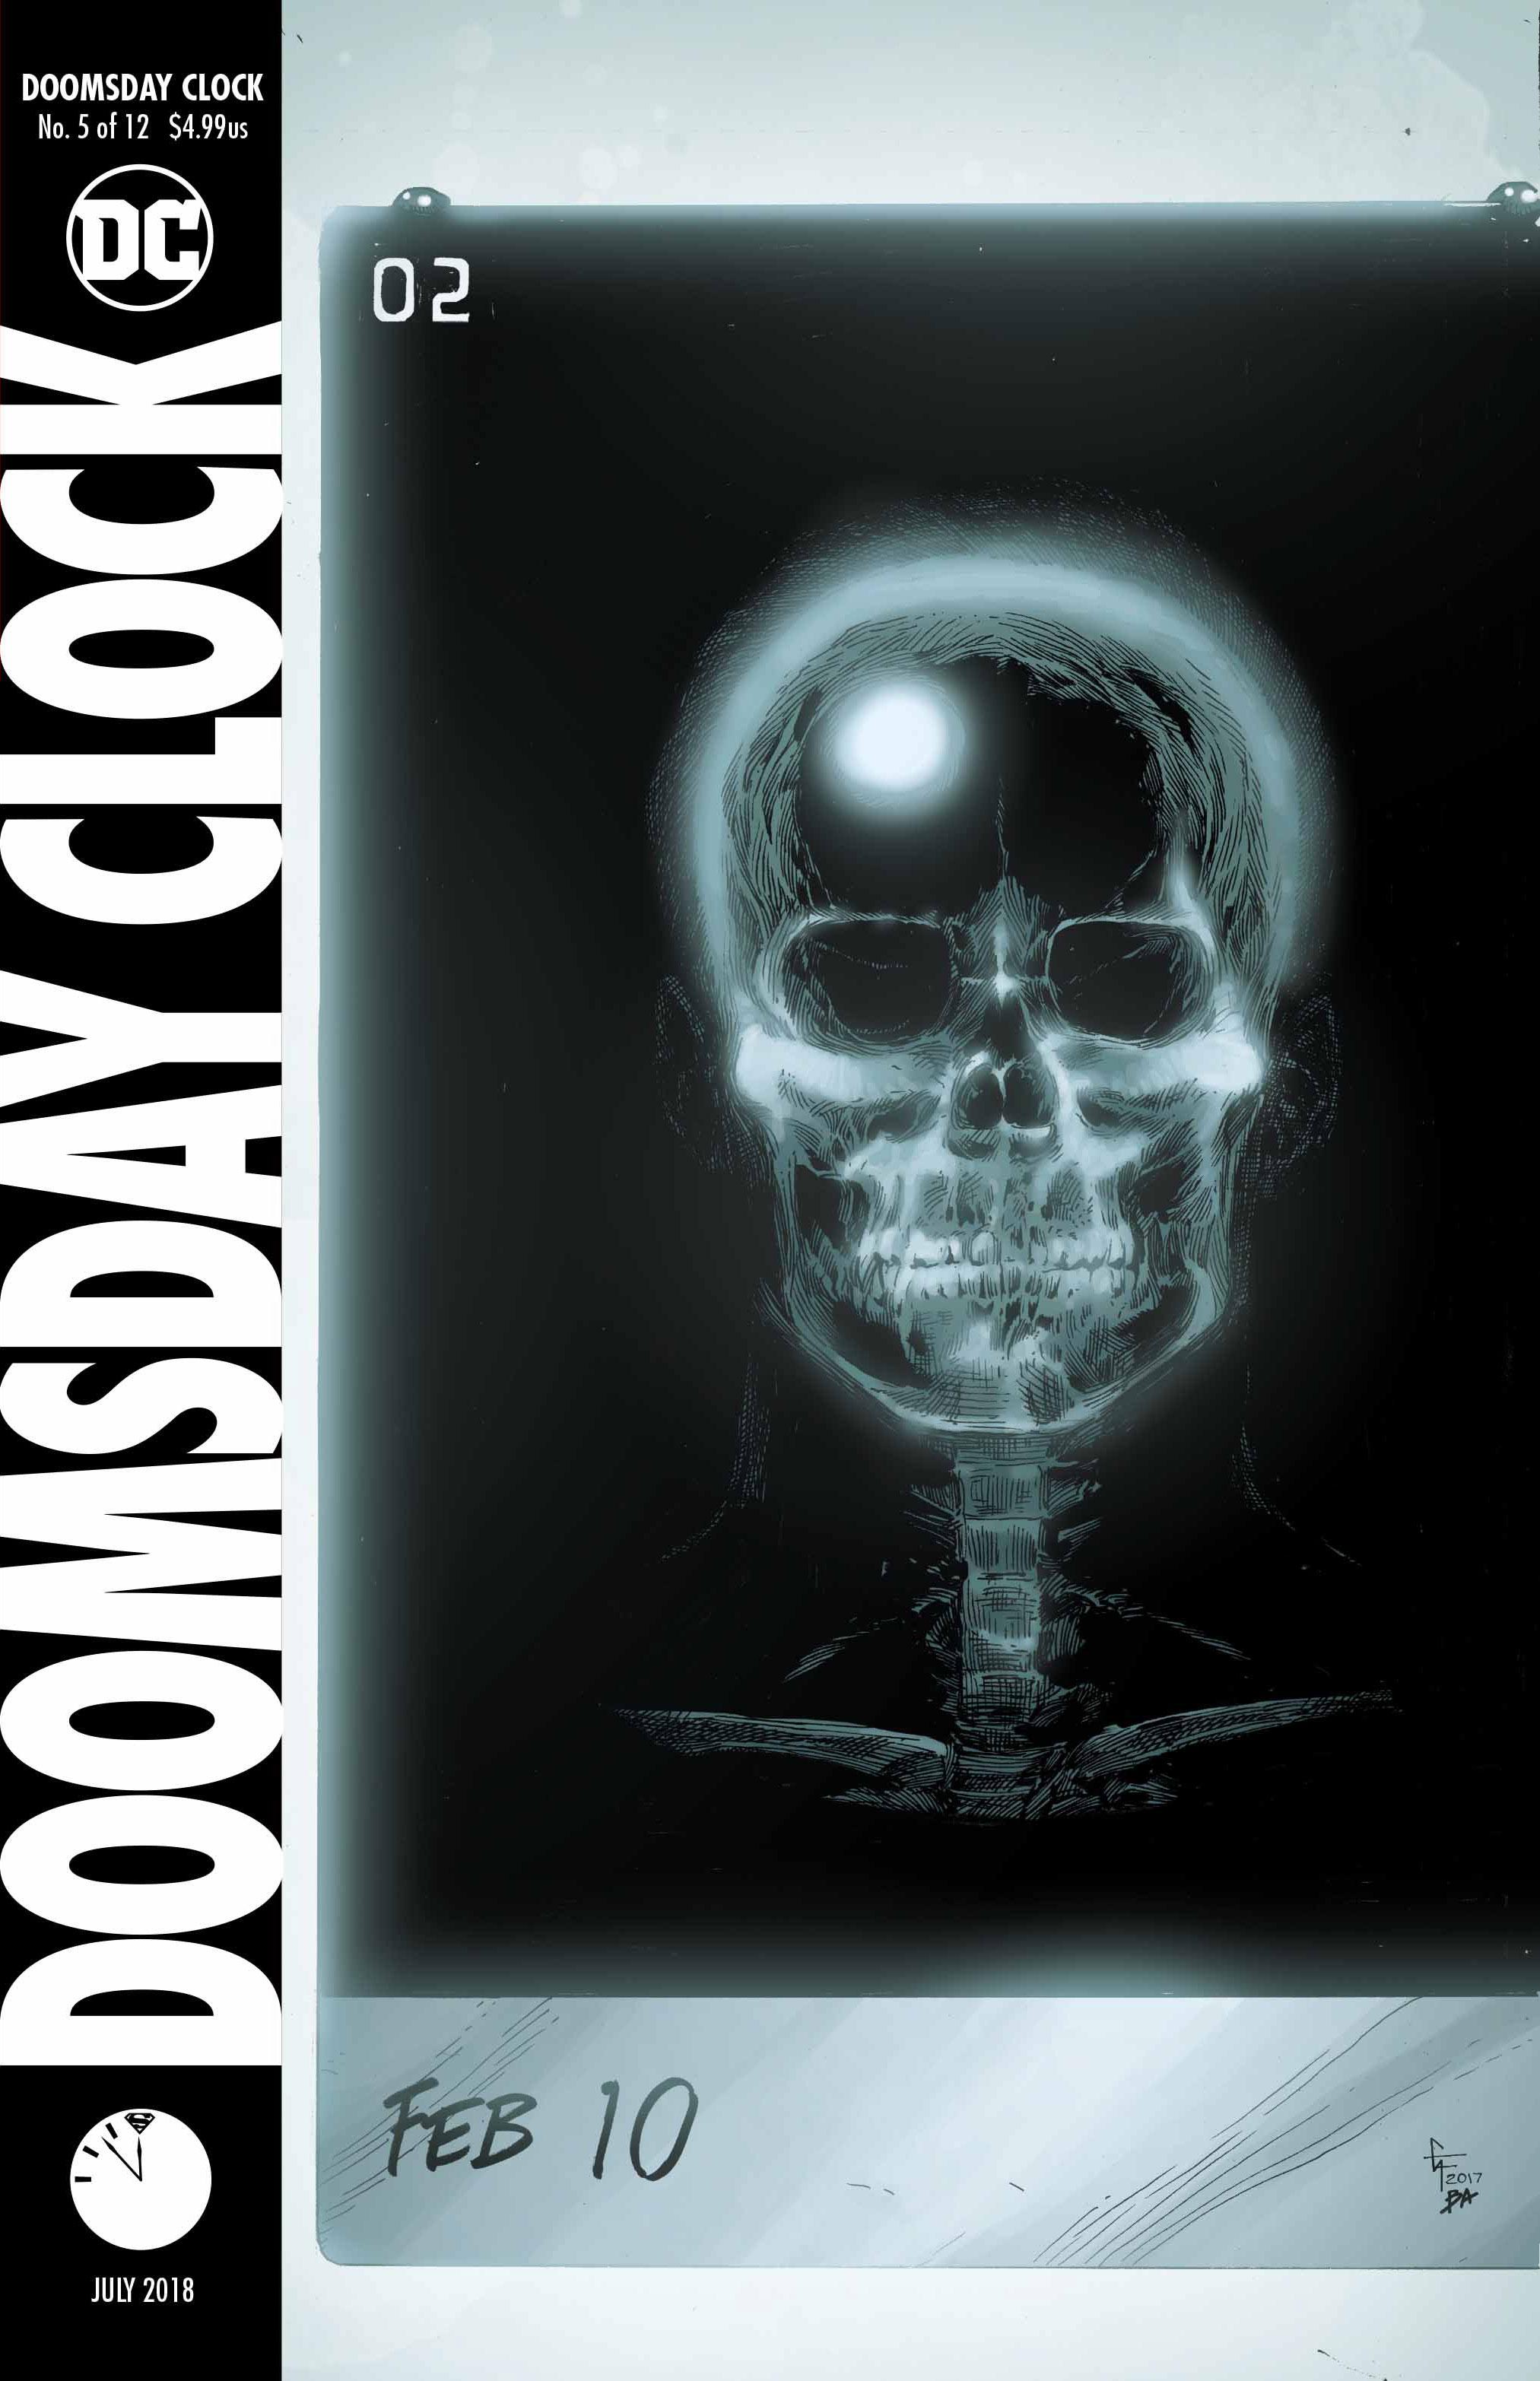 Doomsday Clock #5 Cover - DC Comics